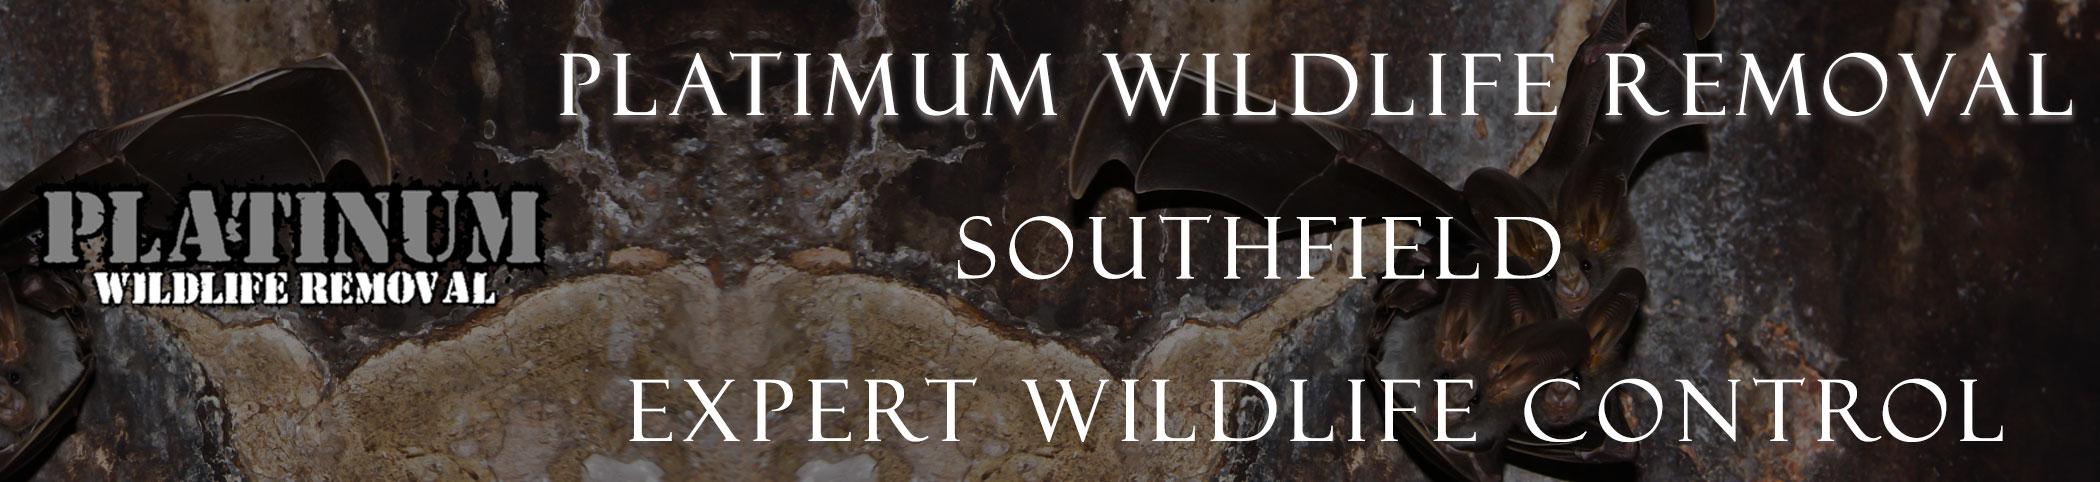 southfield michigan header image at bat removal pro